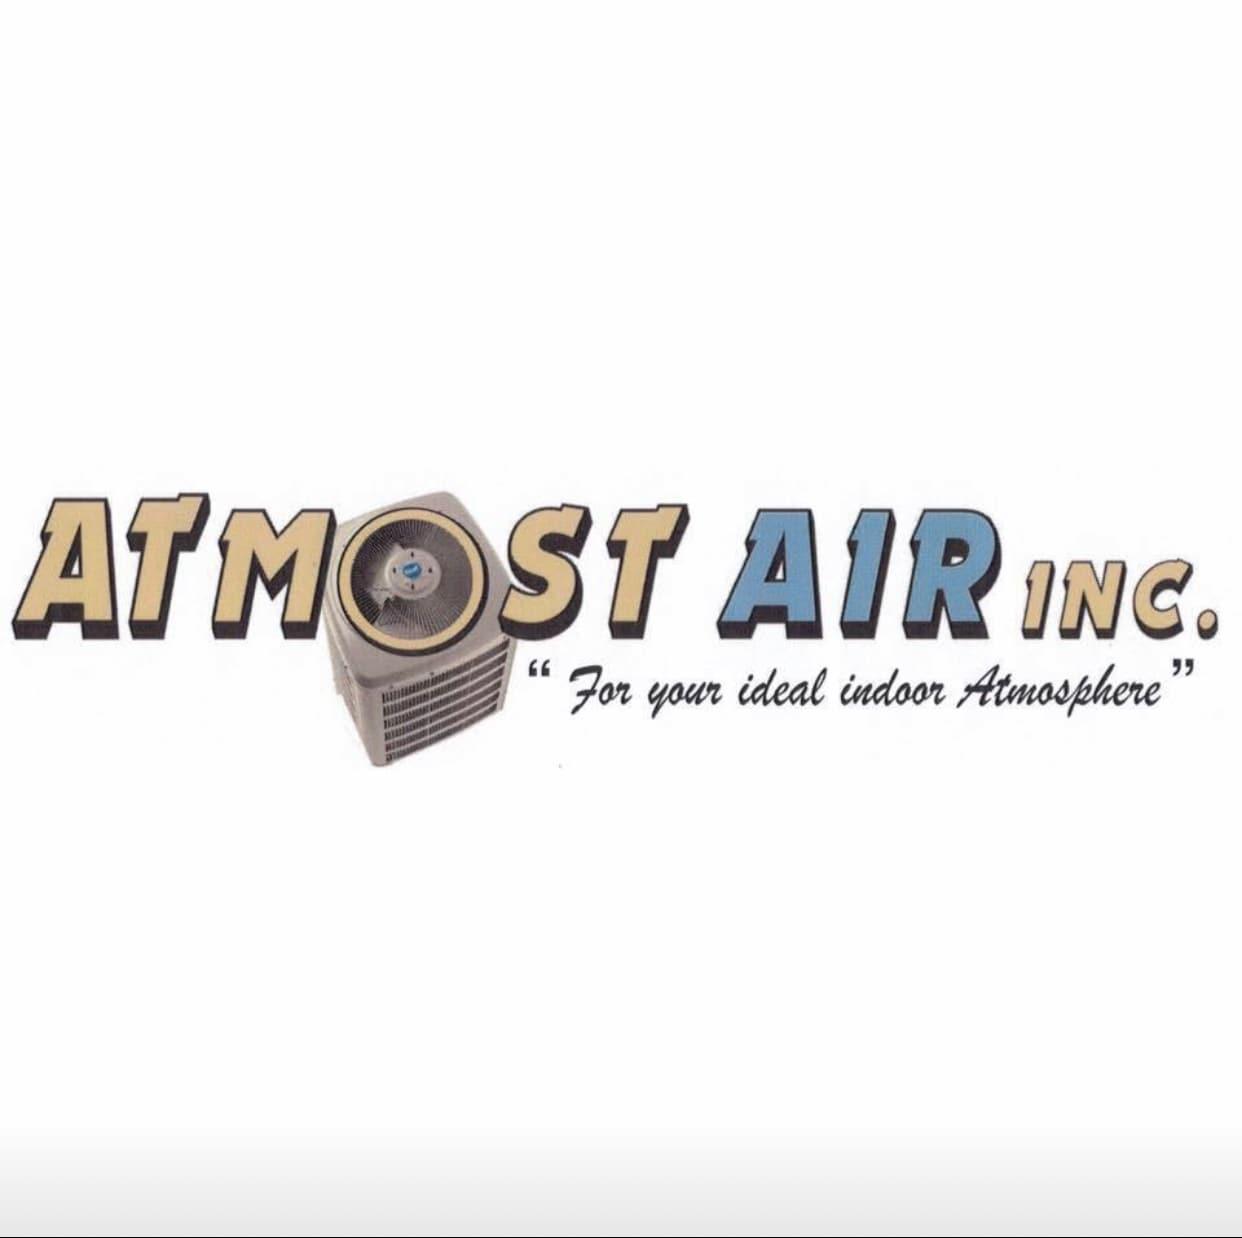 ATMOST Air Inc